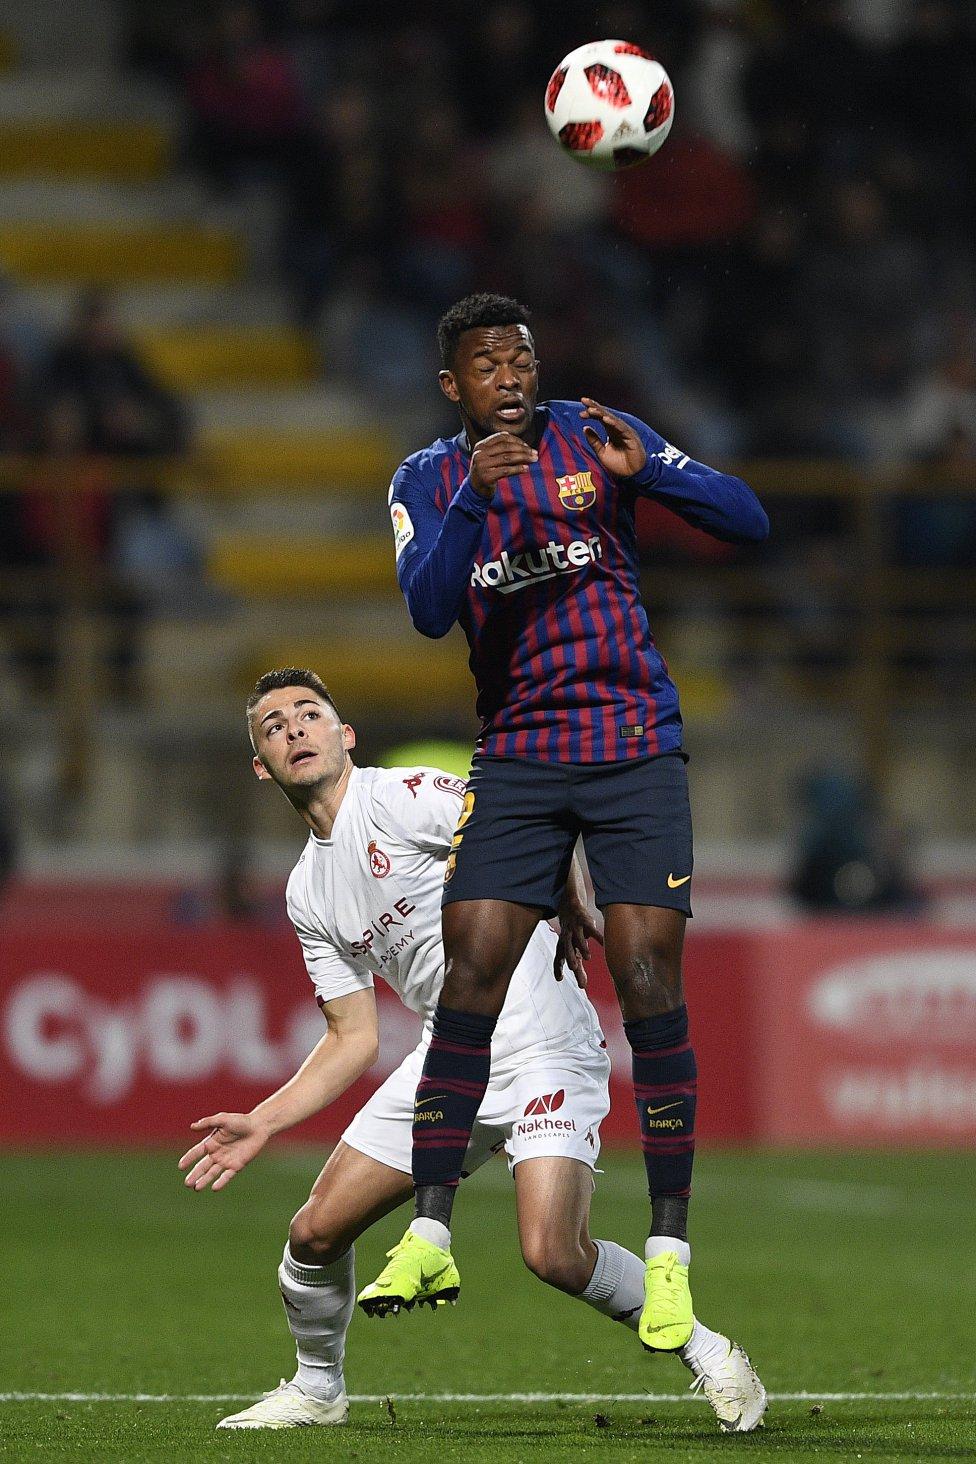 صور مباراة : كولتورال ليونيسا - برشلونة 0-1 ( 31-10-2018 ) كأس ملك إسبانيا 1541018306_553970_1541020392_album_grande